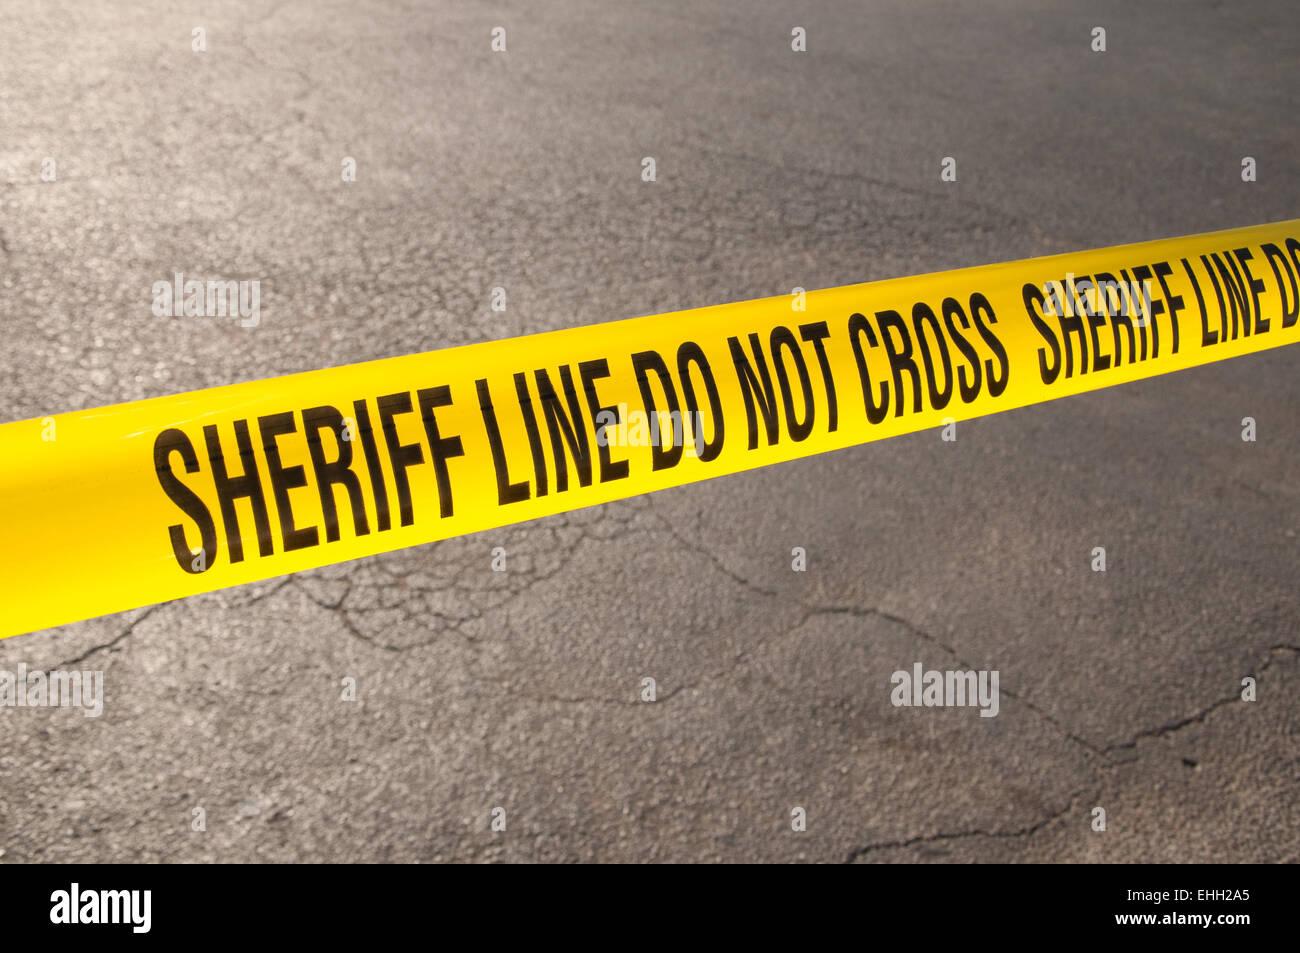 Sheriff-Linie nicht überqueren - Absperrband in urbaner Umgebung Stockbild